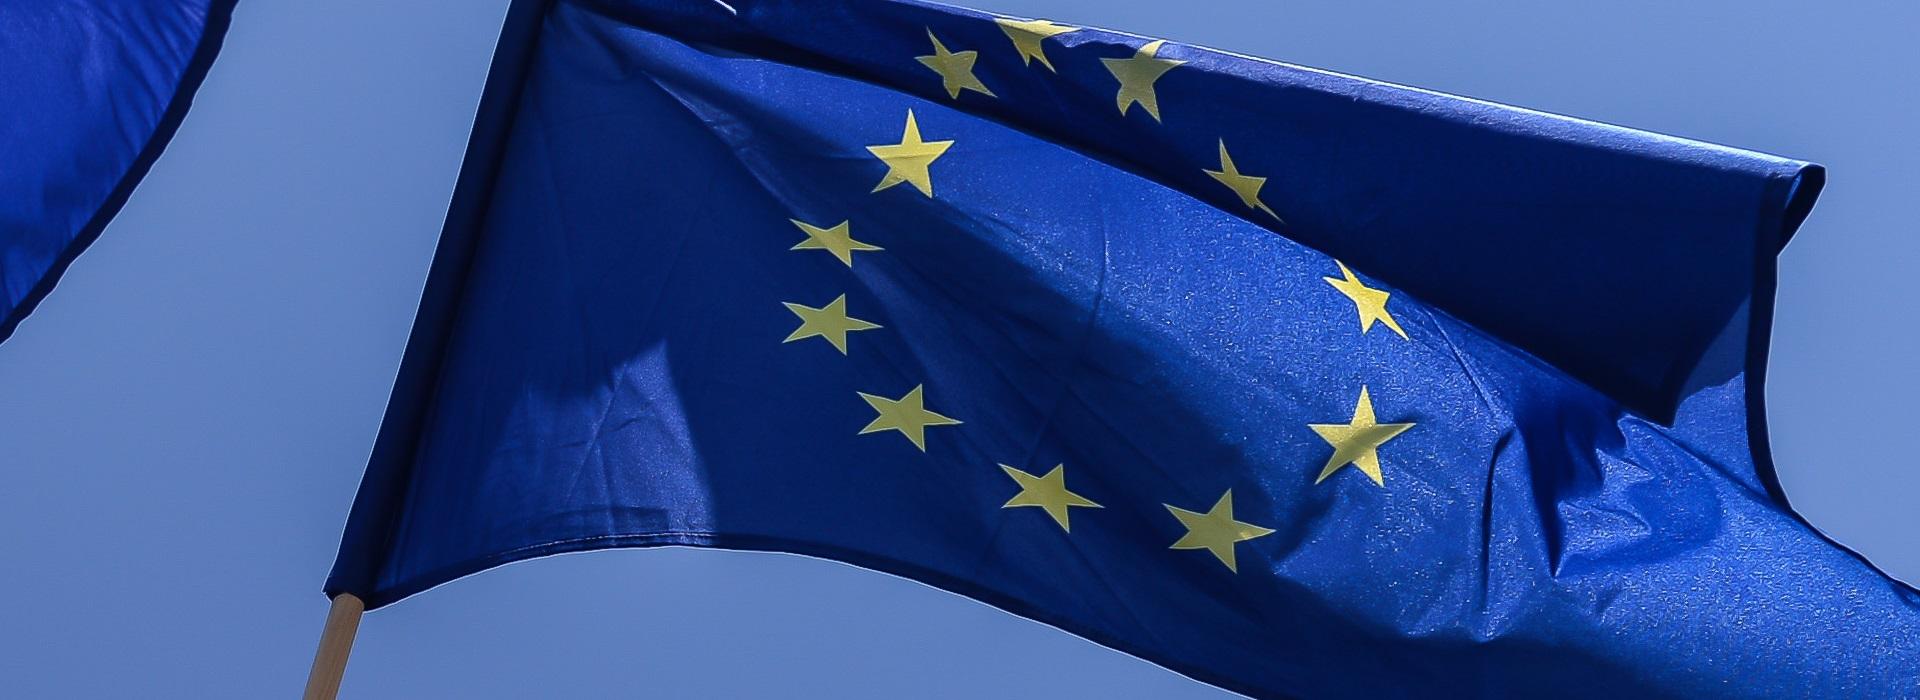 Kwestie migracyjne głównym tematem nieformalnego szczytu UE w Salzburgu